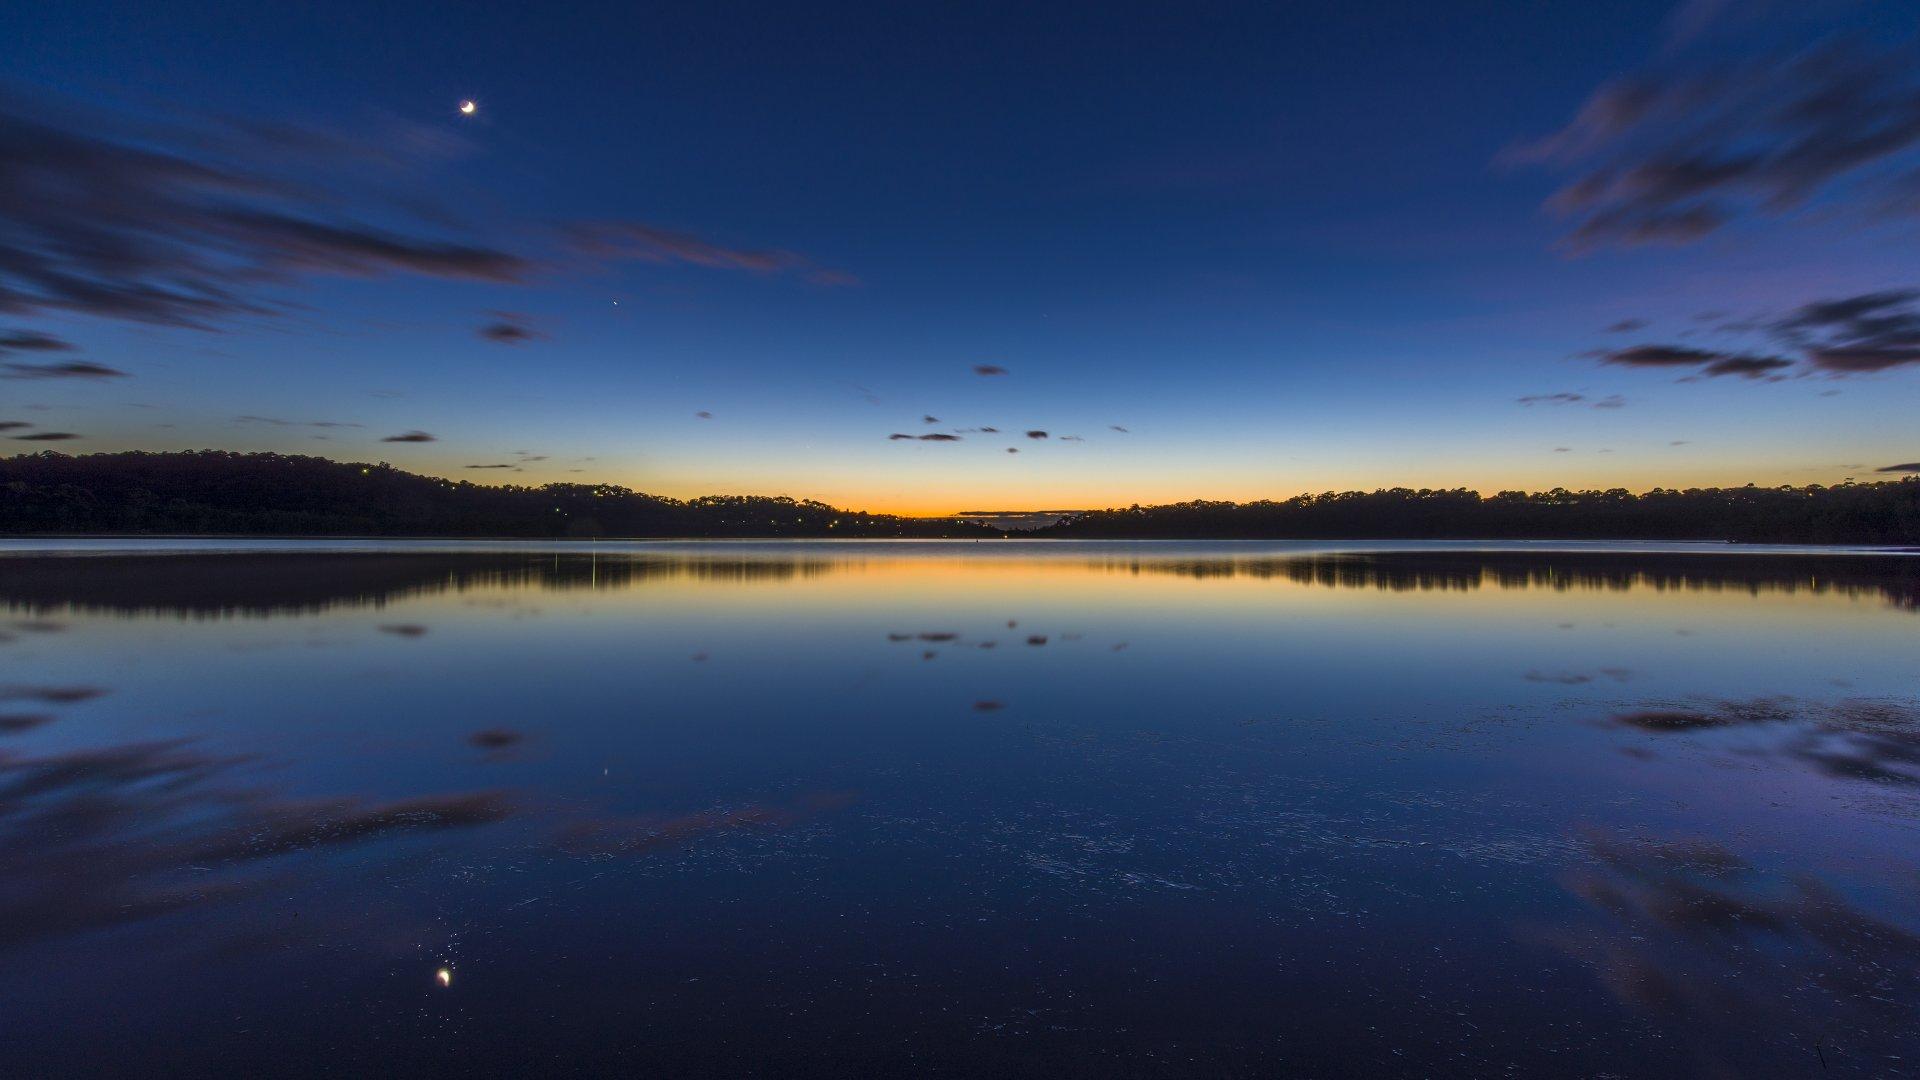 Klicke auf die Grafik für eine größere Ansicht  Name:nature_lake_sunset_landscape_ultrahd_4k_wallpaper_1920x1080.jpg Hits:1446 Größe:161,4 KB ID:78705